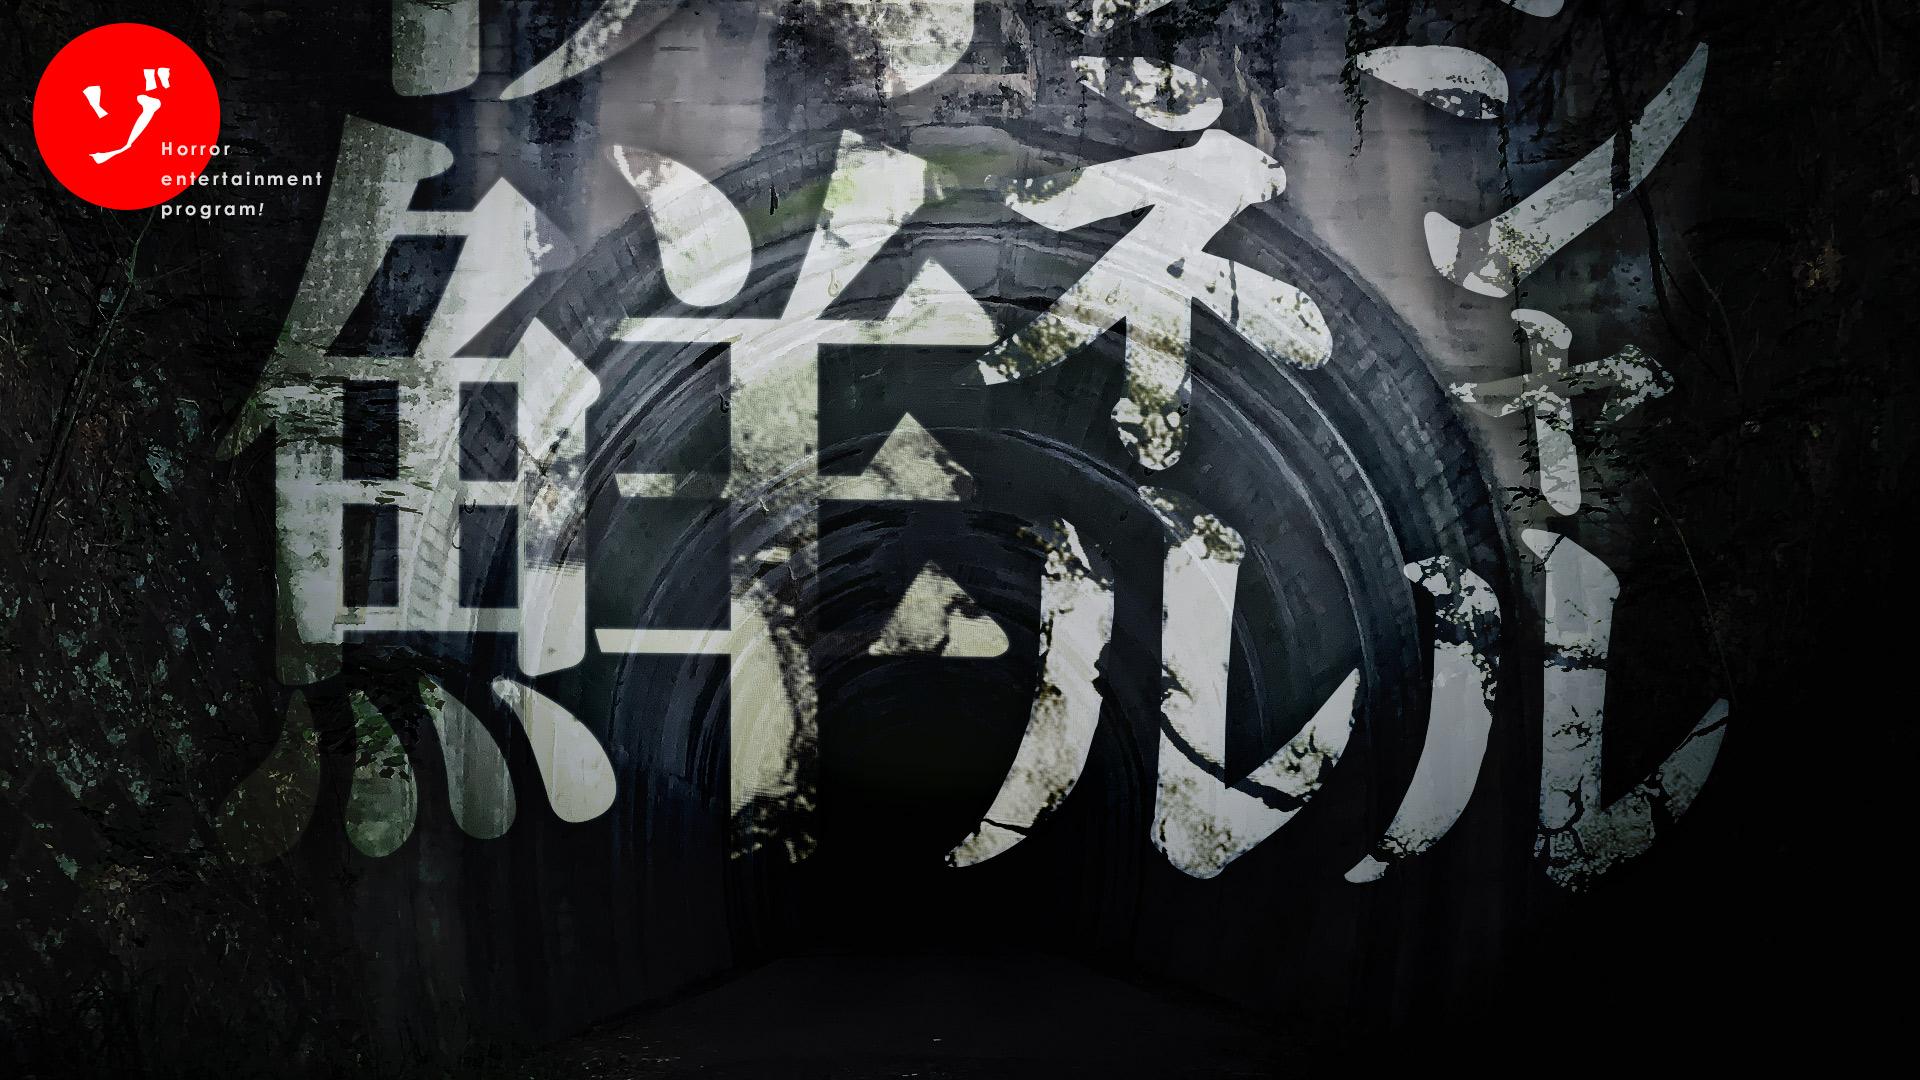 最恐の実証実験!ゾゾゾ最新作「朝鮮トンネルスペシャル[後編]」8/7(金)18時配信!サムネイル解禁!